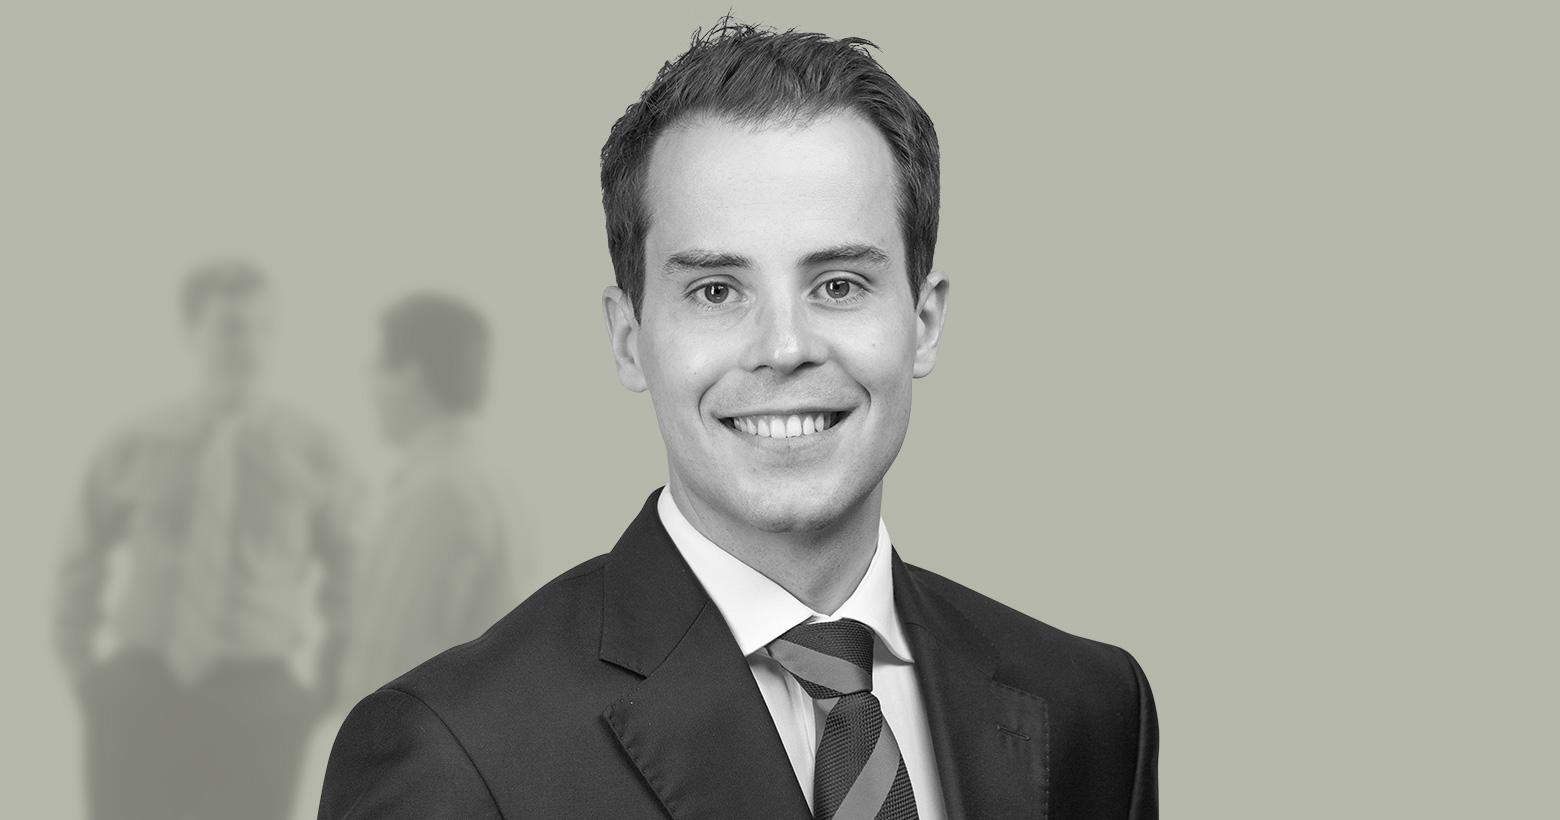 Dominik Juster